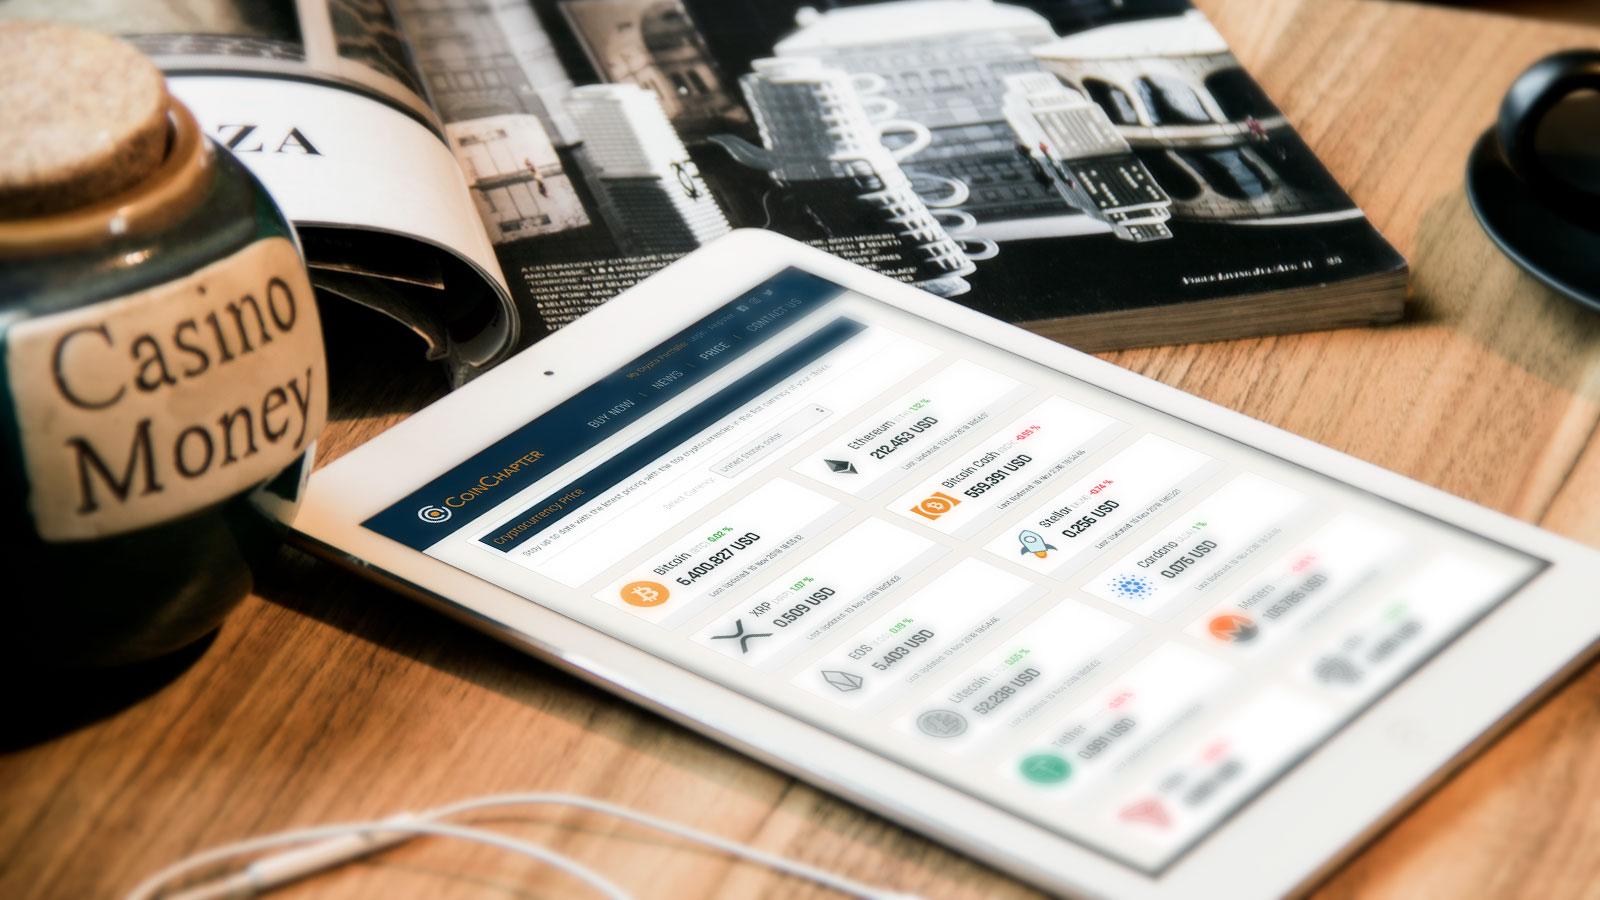 iPad_06.1.jpg